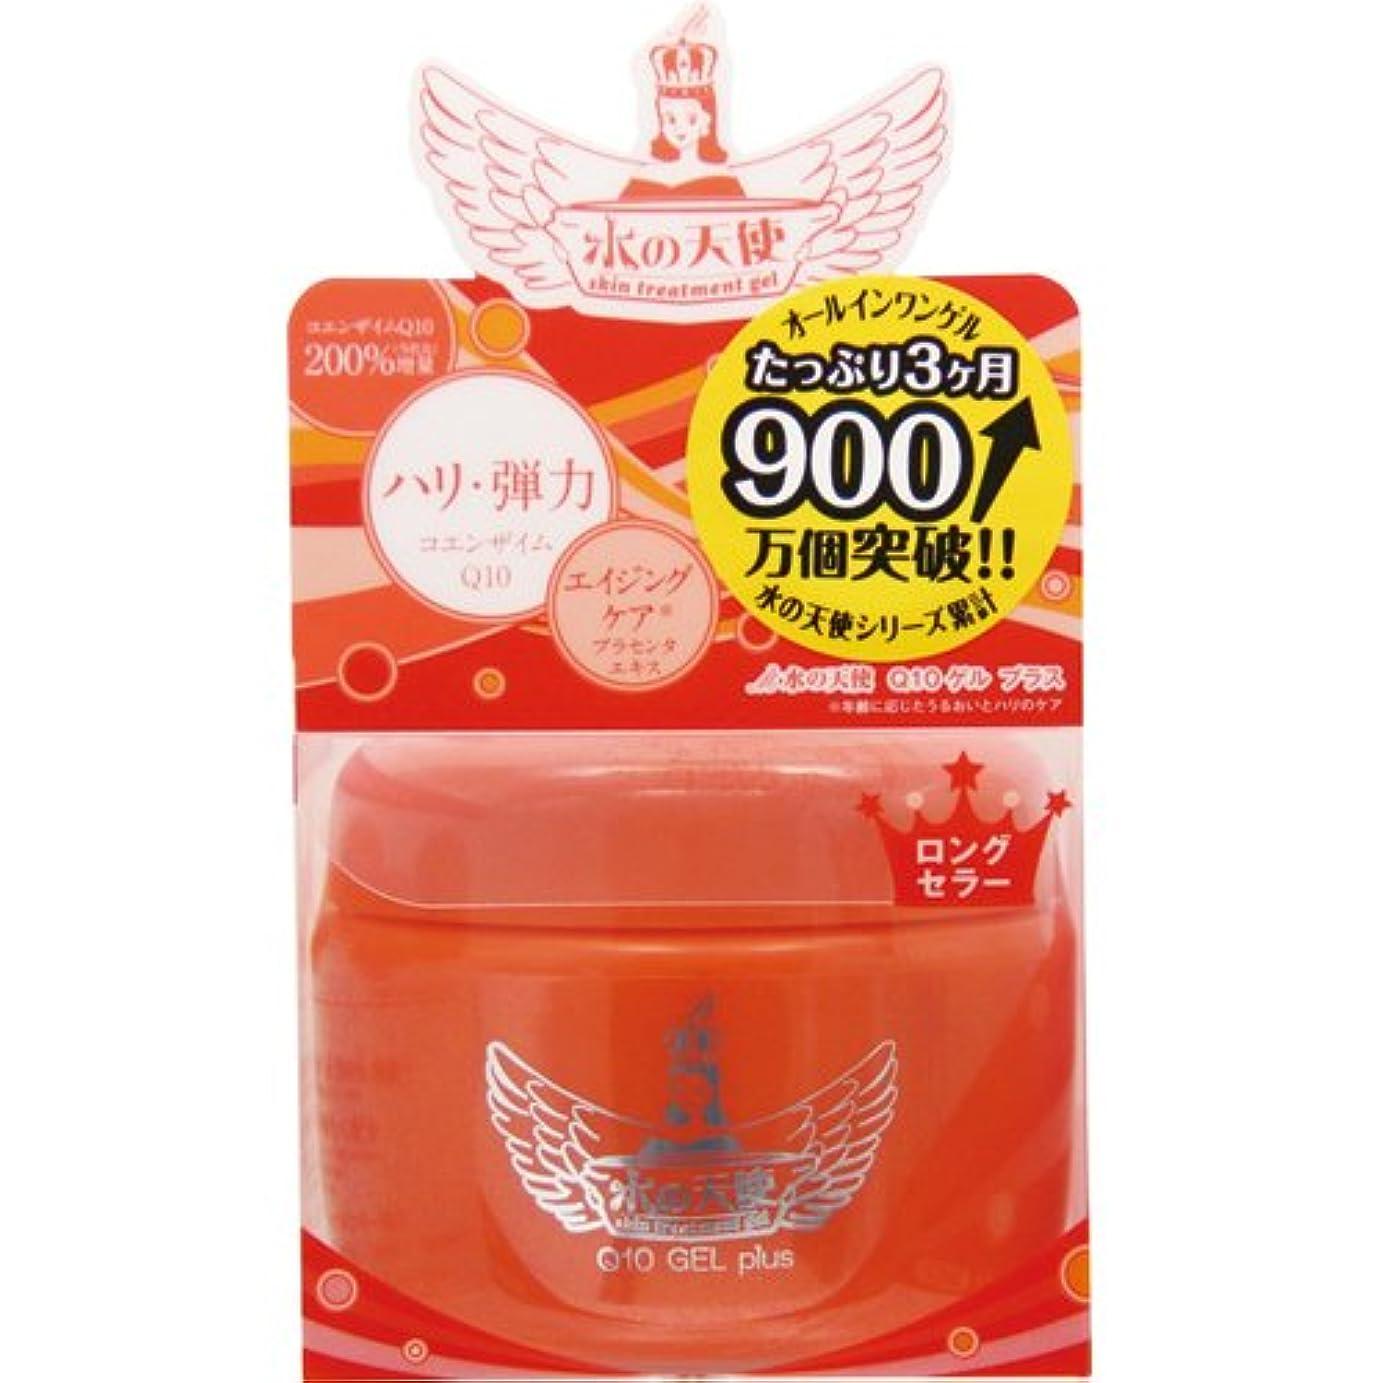 とにかく改革貸し手水の天使 Q10ゲルプラス 150g